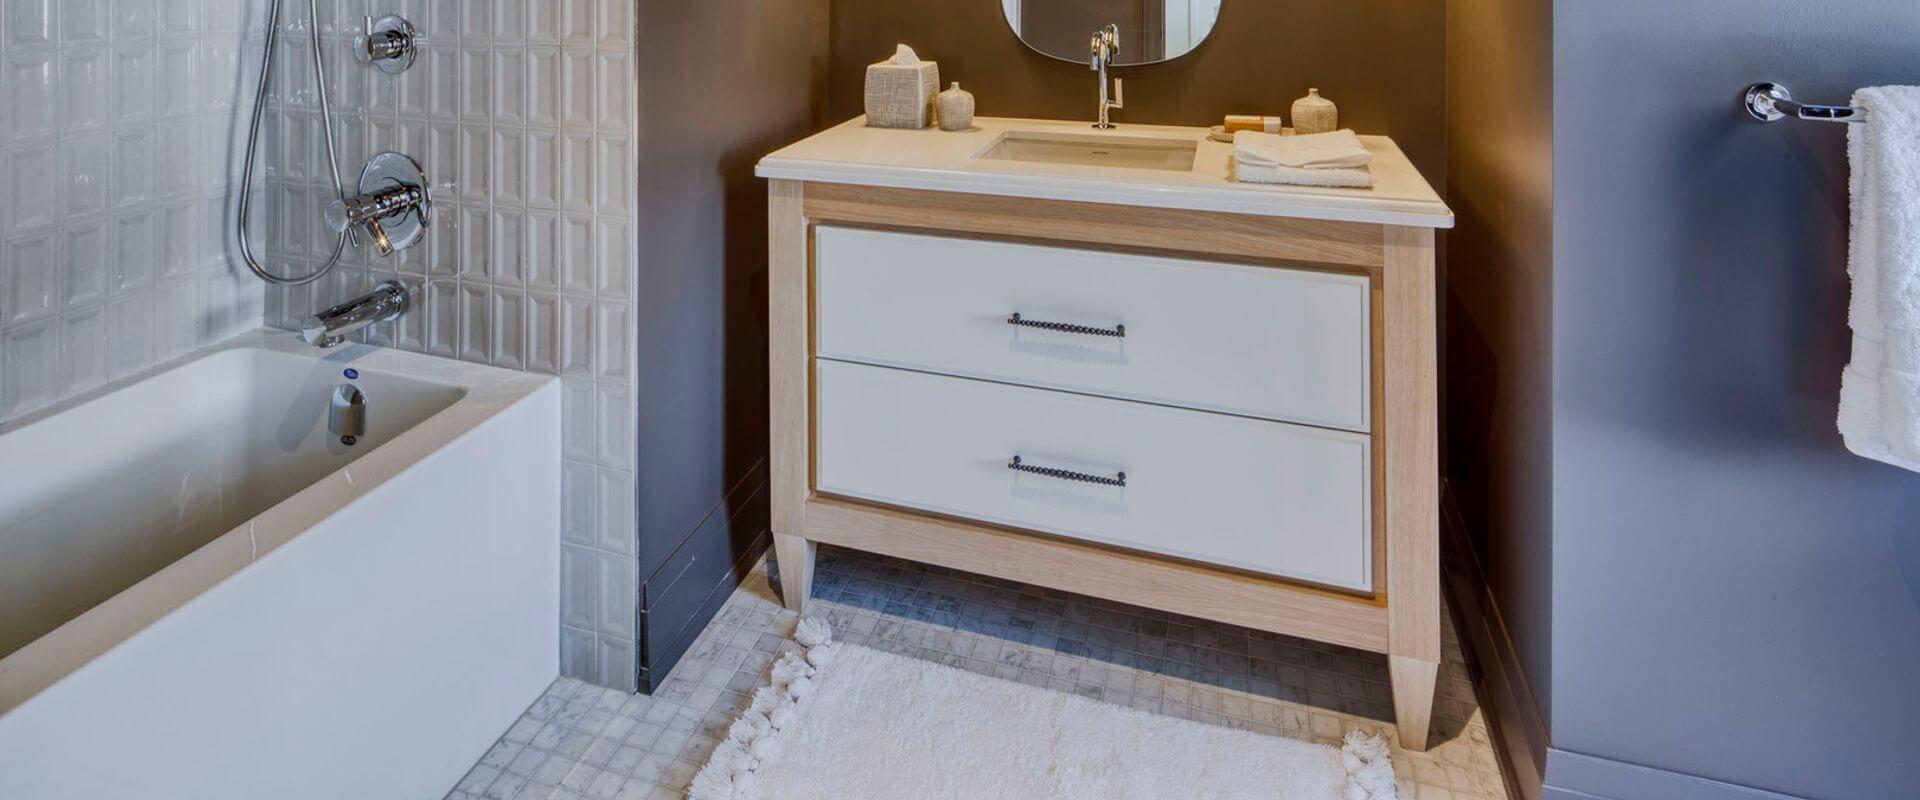 Princess Margaret Show Home Bedroom 3 Ensuite